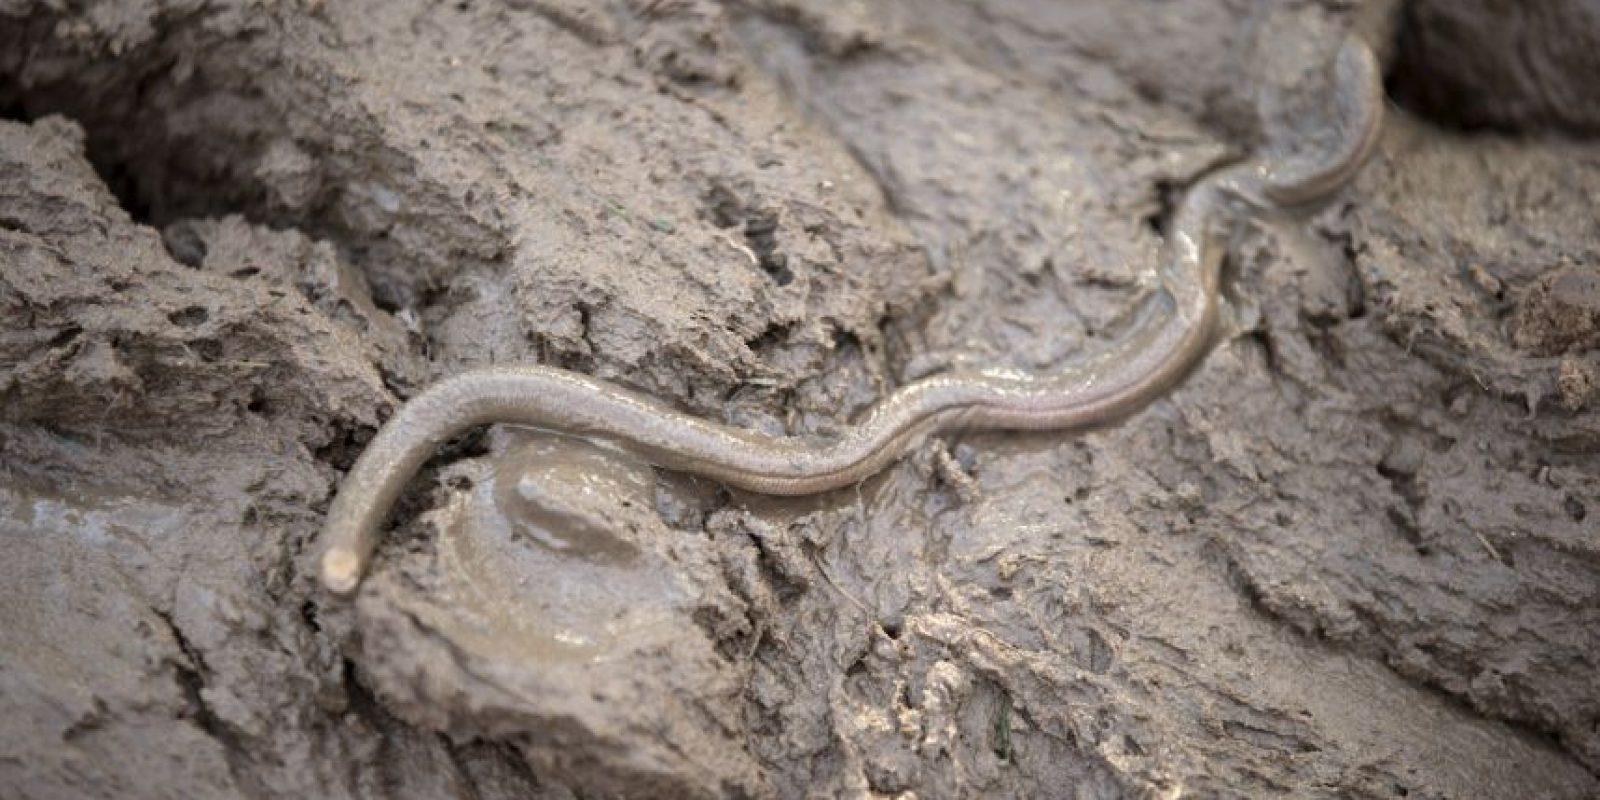 Una serpiente pasa por el campo Ñu Guazú Ángelus, donde Francisco ofició su última misa en América Latina Foto:AP